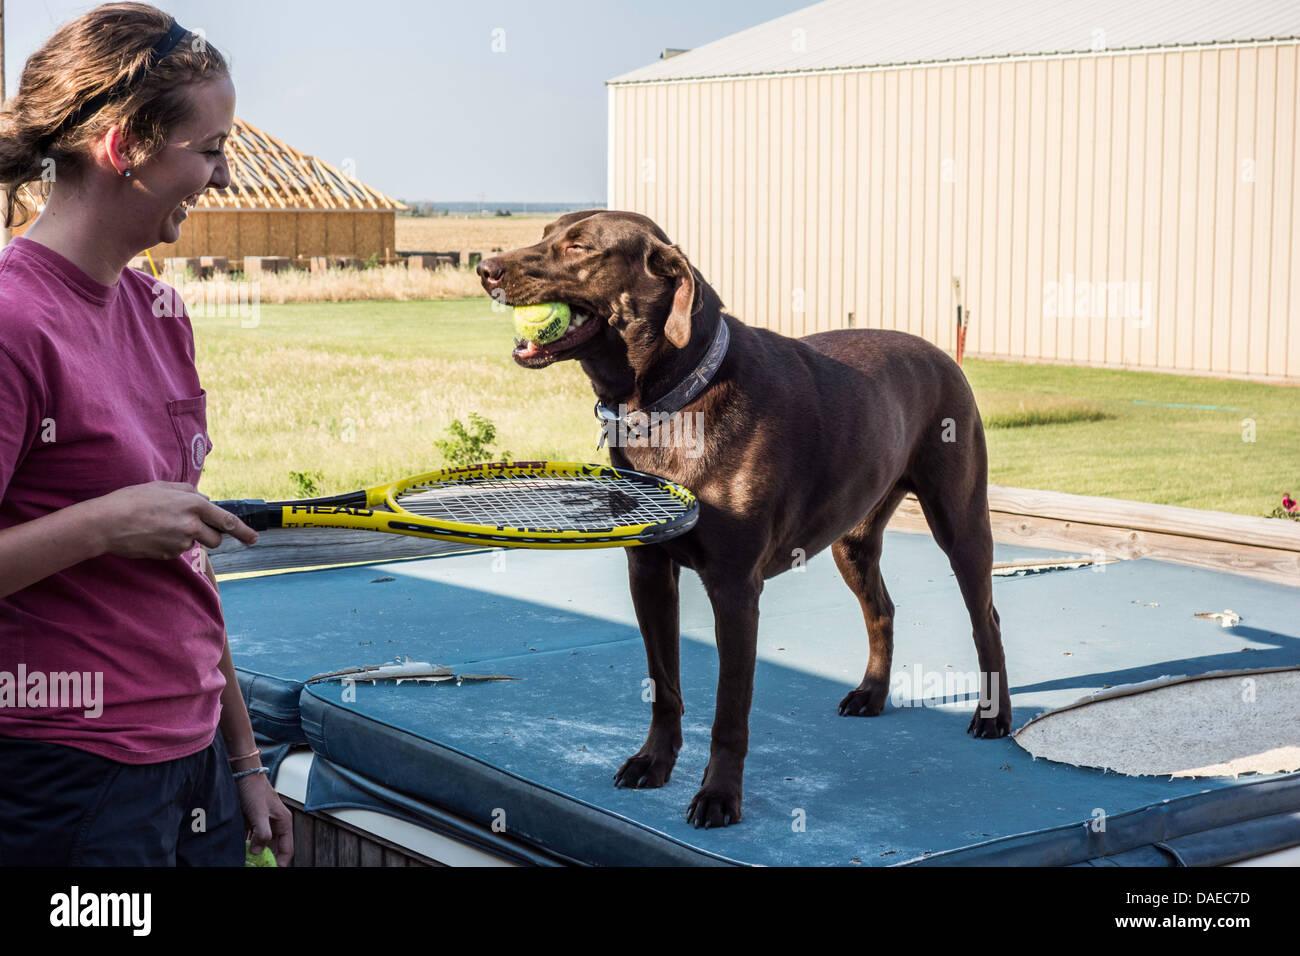 Un perro Labrador Retriever chocolate tiene una pelota de tenis en su boca mientras jugando a la pelota con un joven adulto. Ee.Uu.. Foto de stock